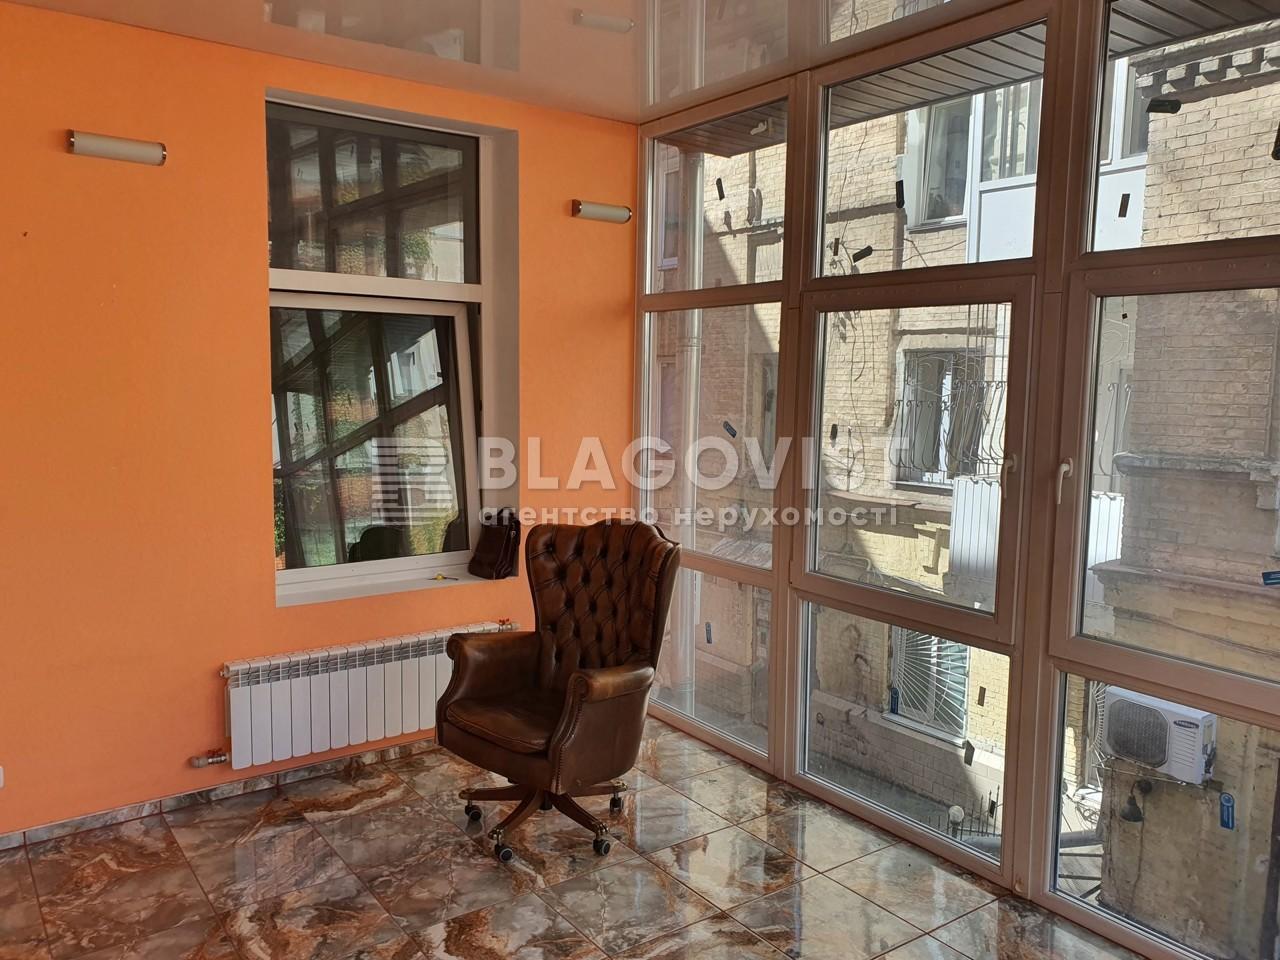 Квартира R-35156, Большая Васильковская, 30, Киев - Фото 9